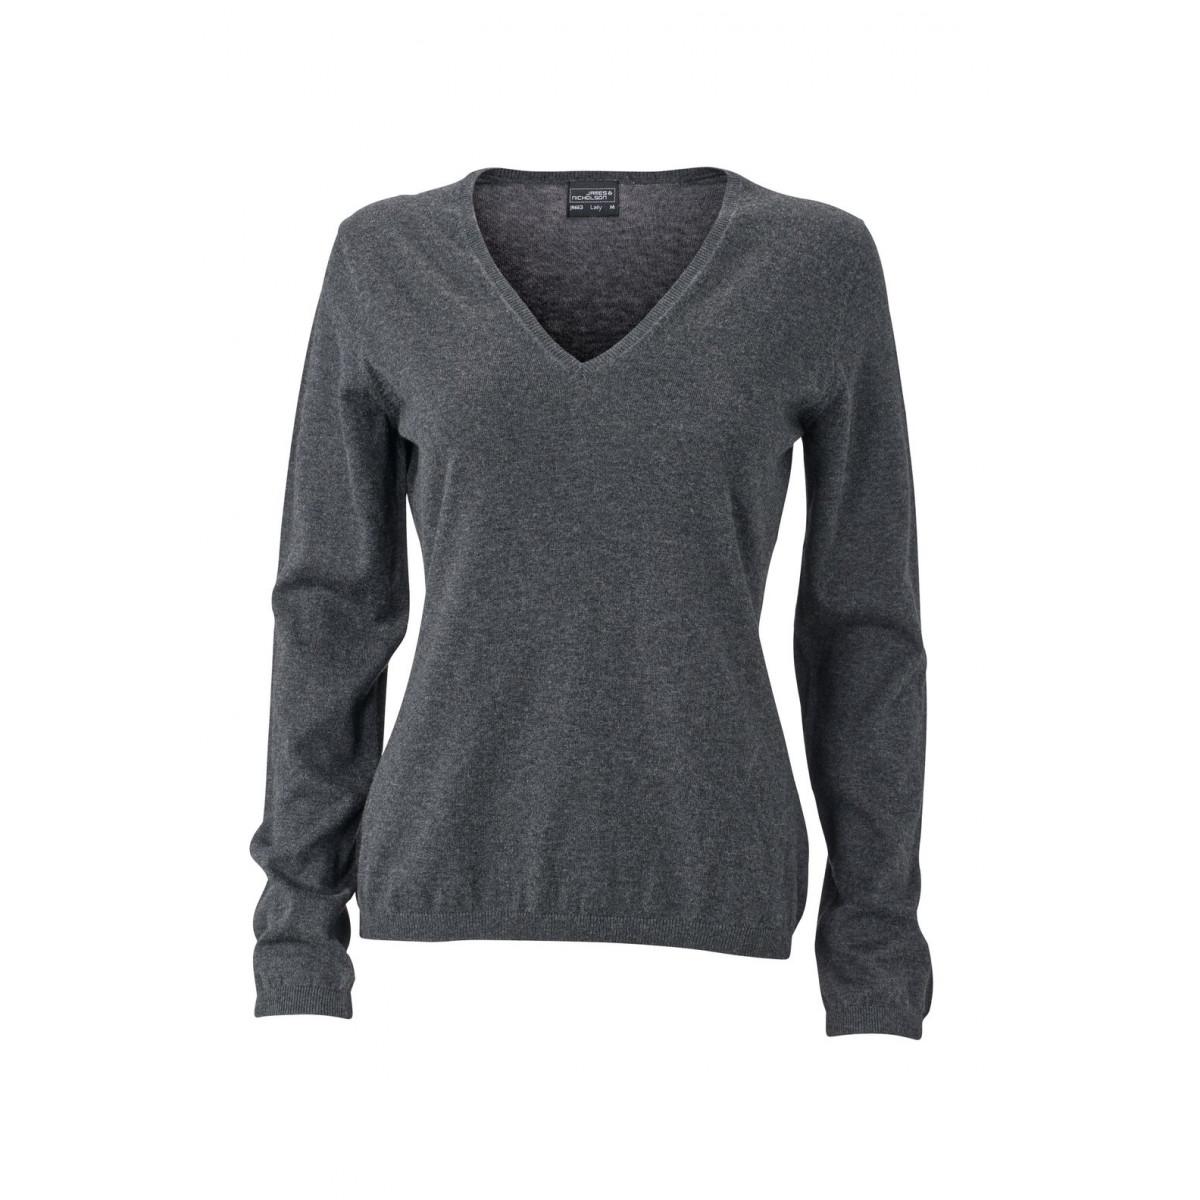 Пуловер женский JN663 Ladies Pullover - Темно-серый меланж